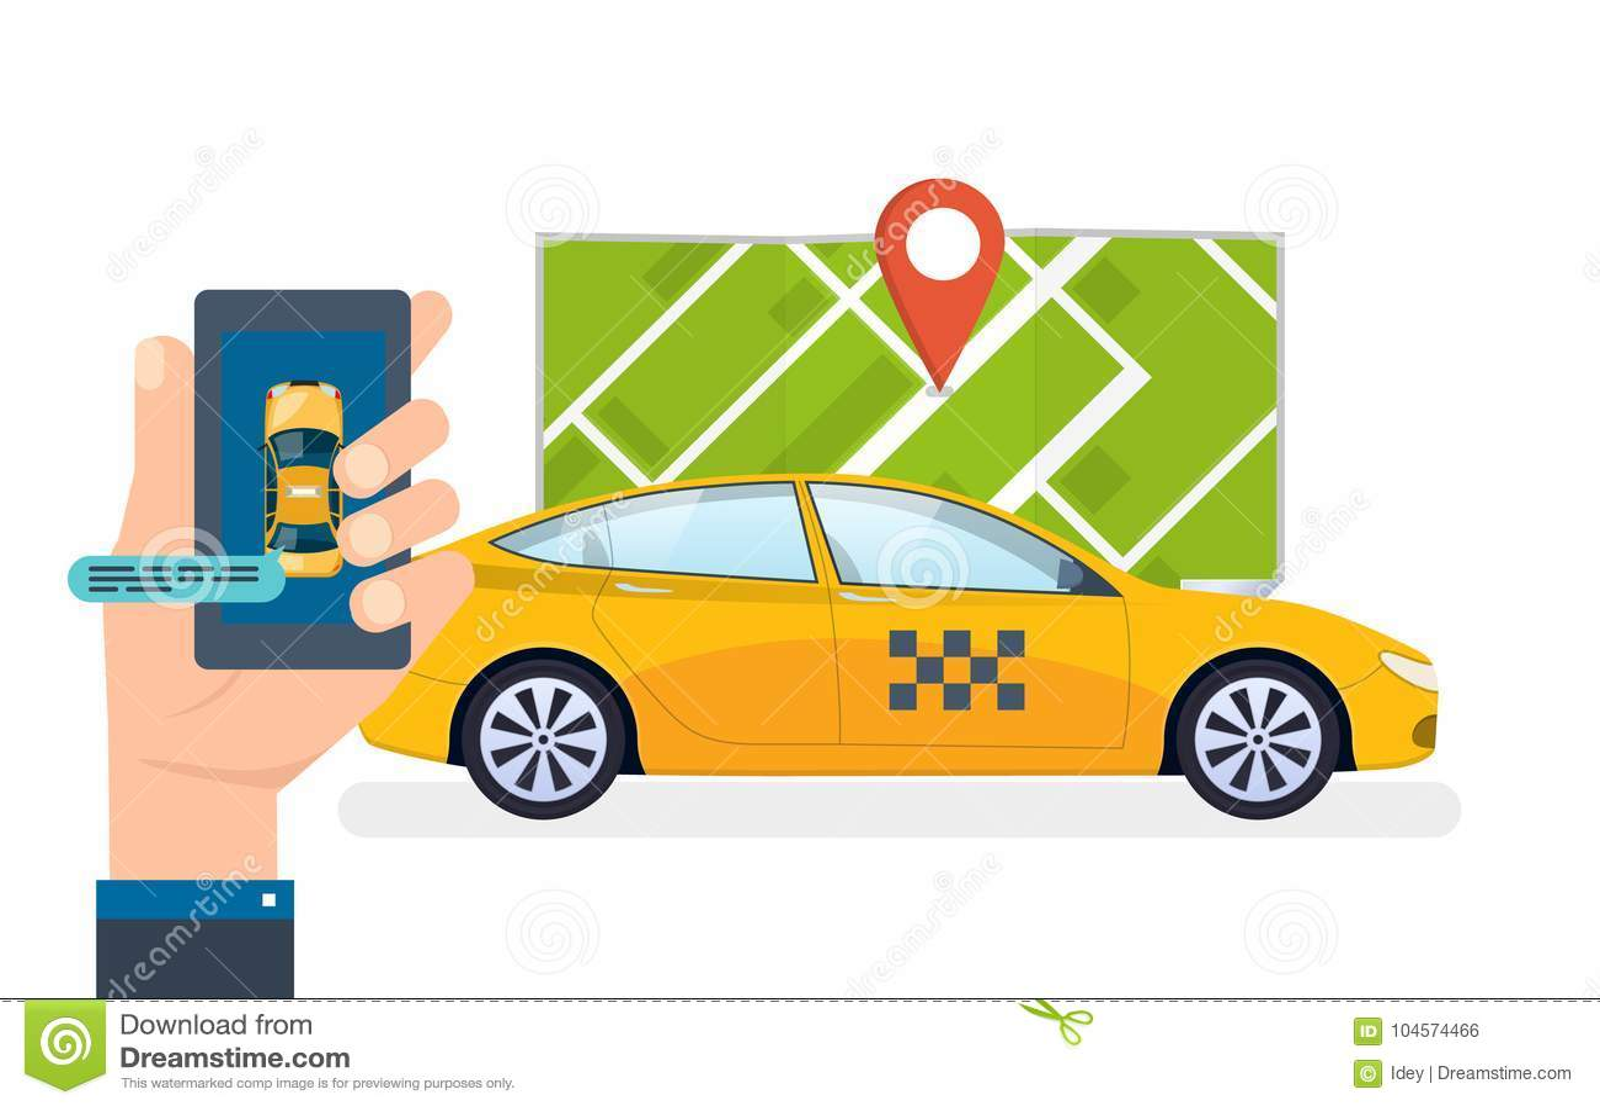 La Mano Sostiene Smartphone Servicio El Ordenar Del Taxi, Llamando ...